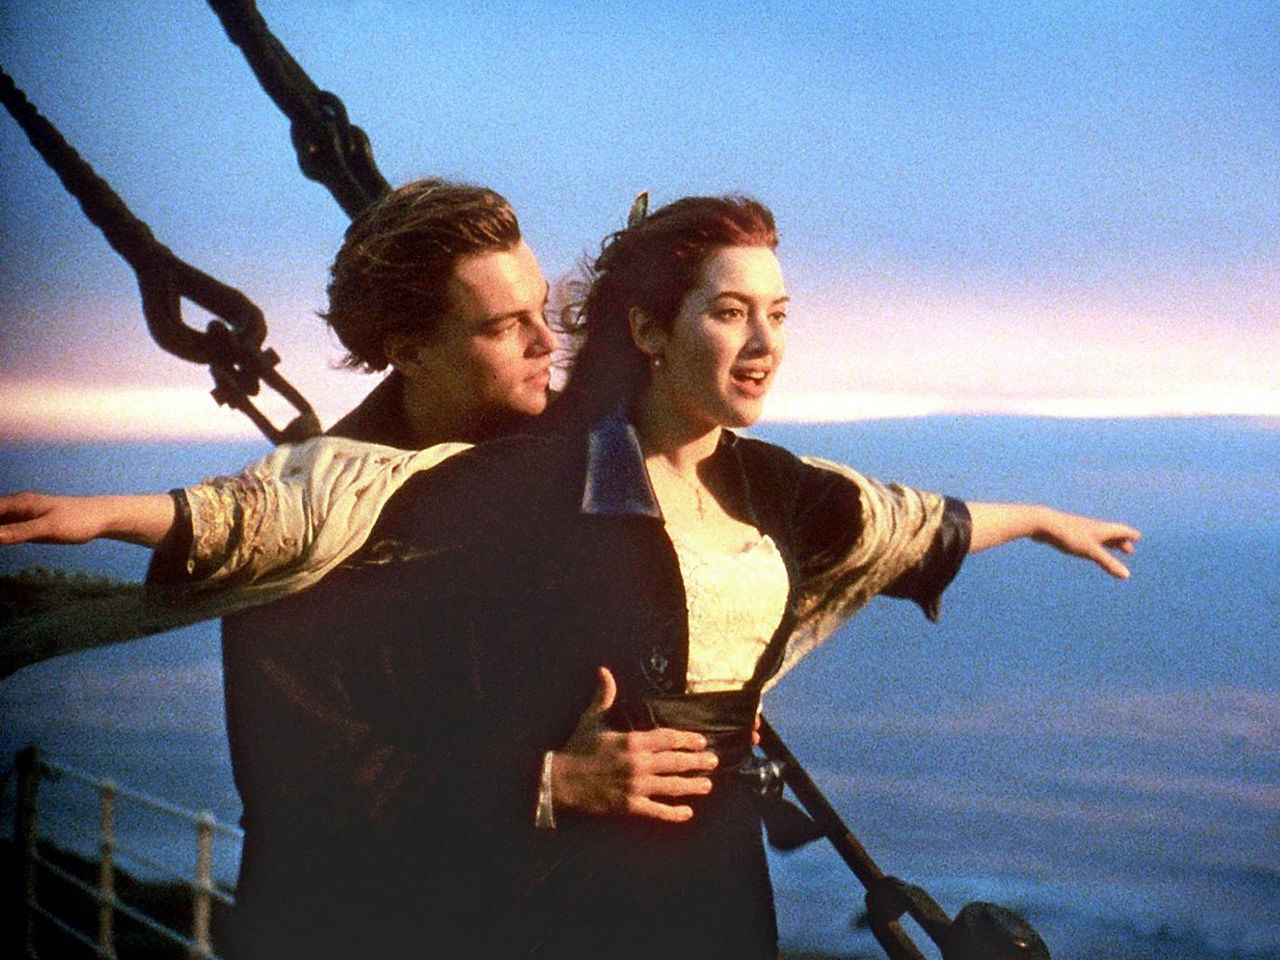 Житель америки винит Джеймса Кэмерона вкраже сюжета «Титаника